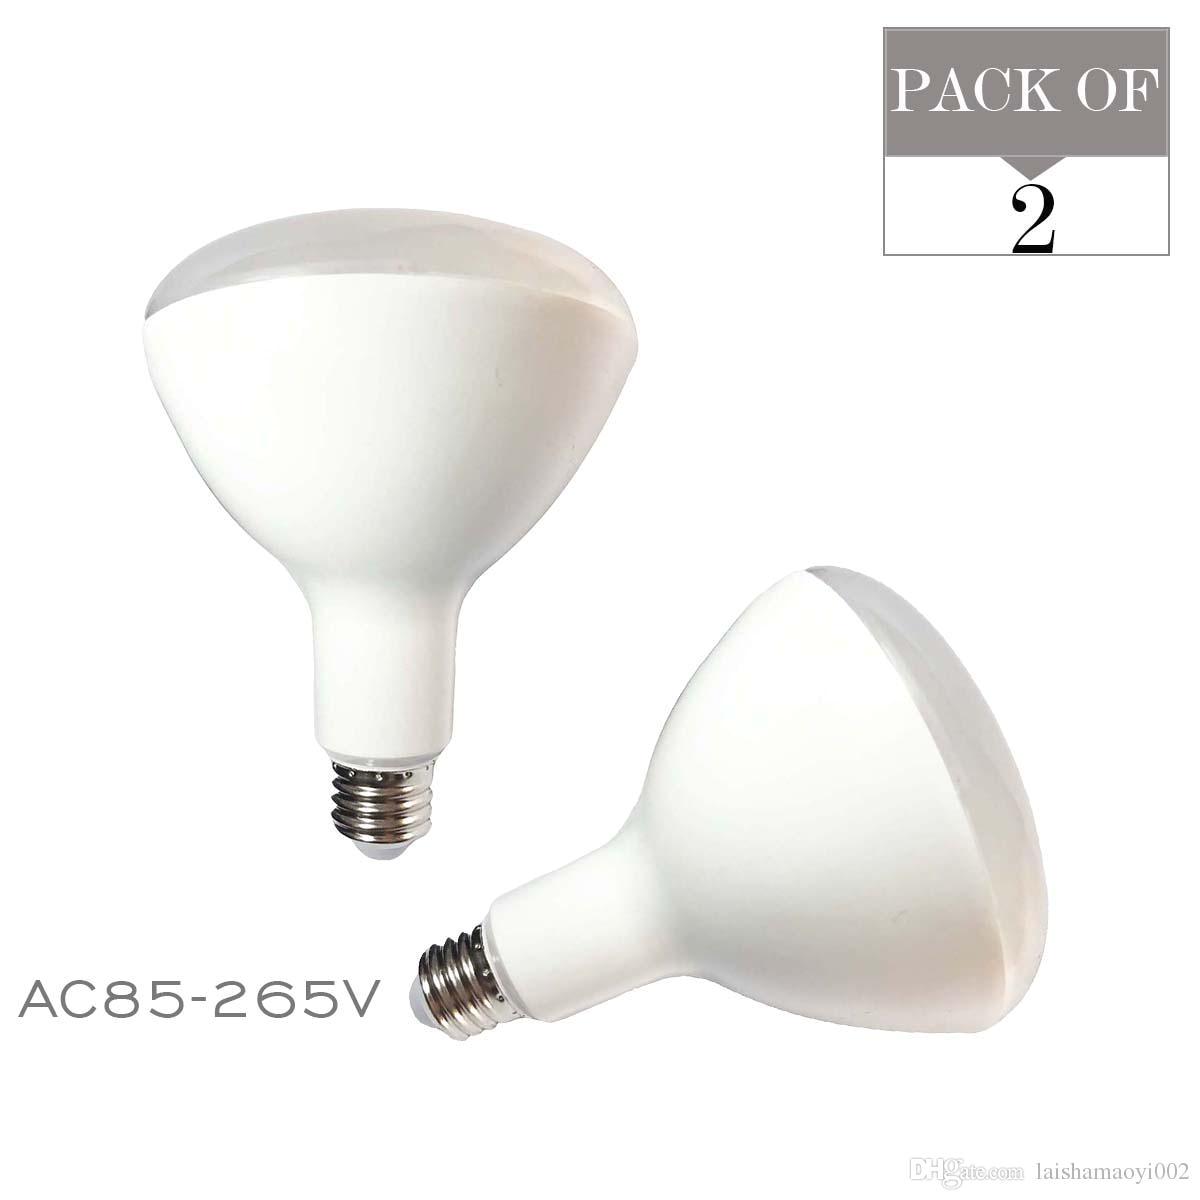 2 pack br40 led flood light bulb 85 265v 15w e27 high power lamp led lighting 2700k 3000k 5000k soft warm natural bubble ball led e27 led bulb lampe br40